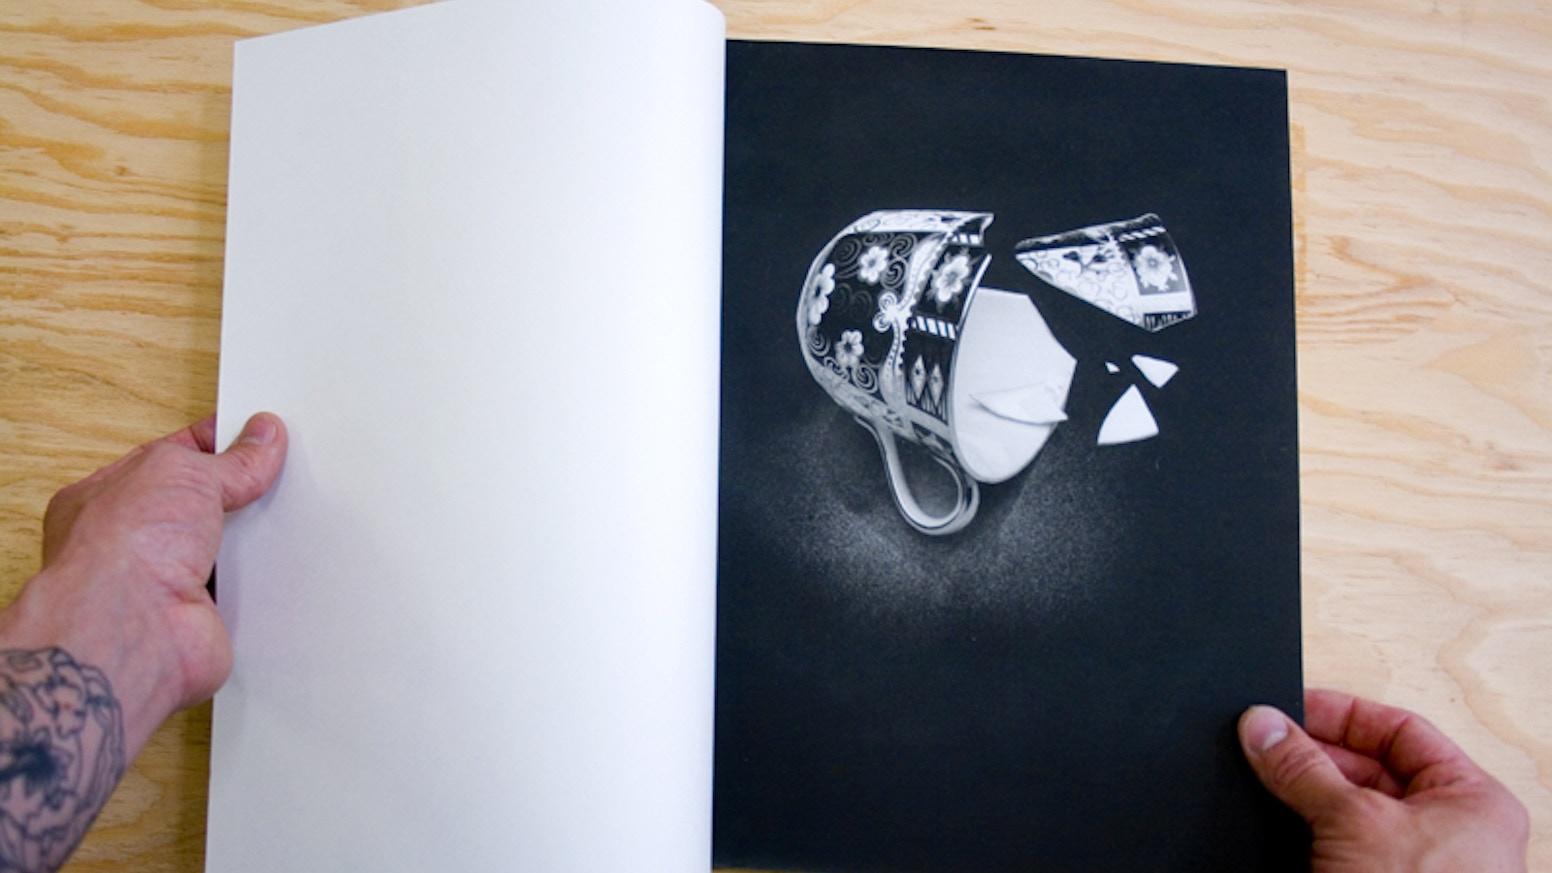 Book Cover Paper Weight ~ Still life an artist book by nickolaus typaldos —kickstarter